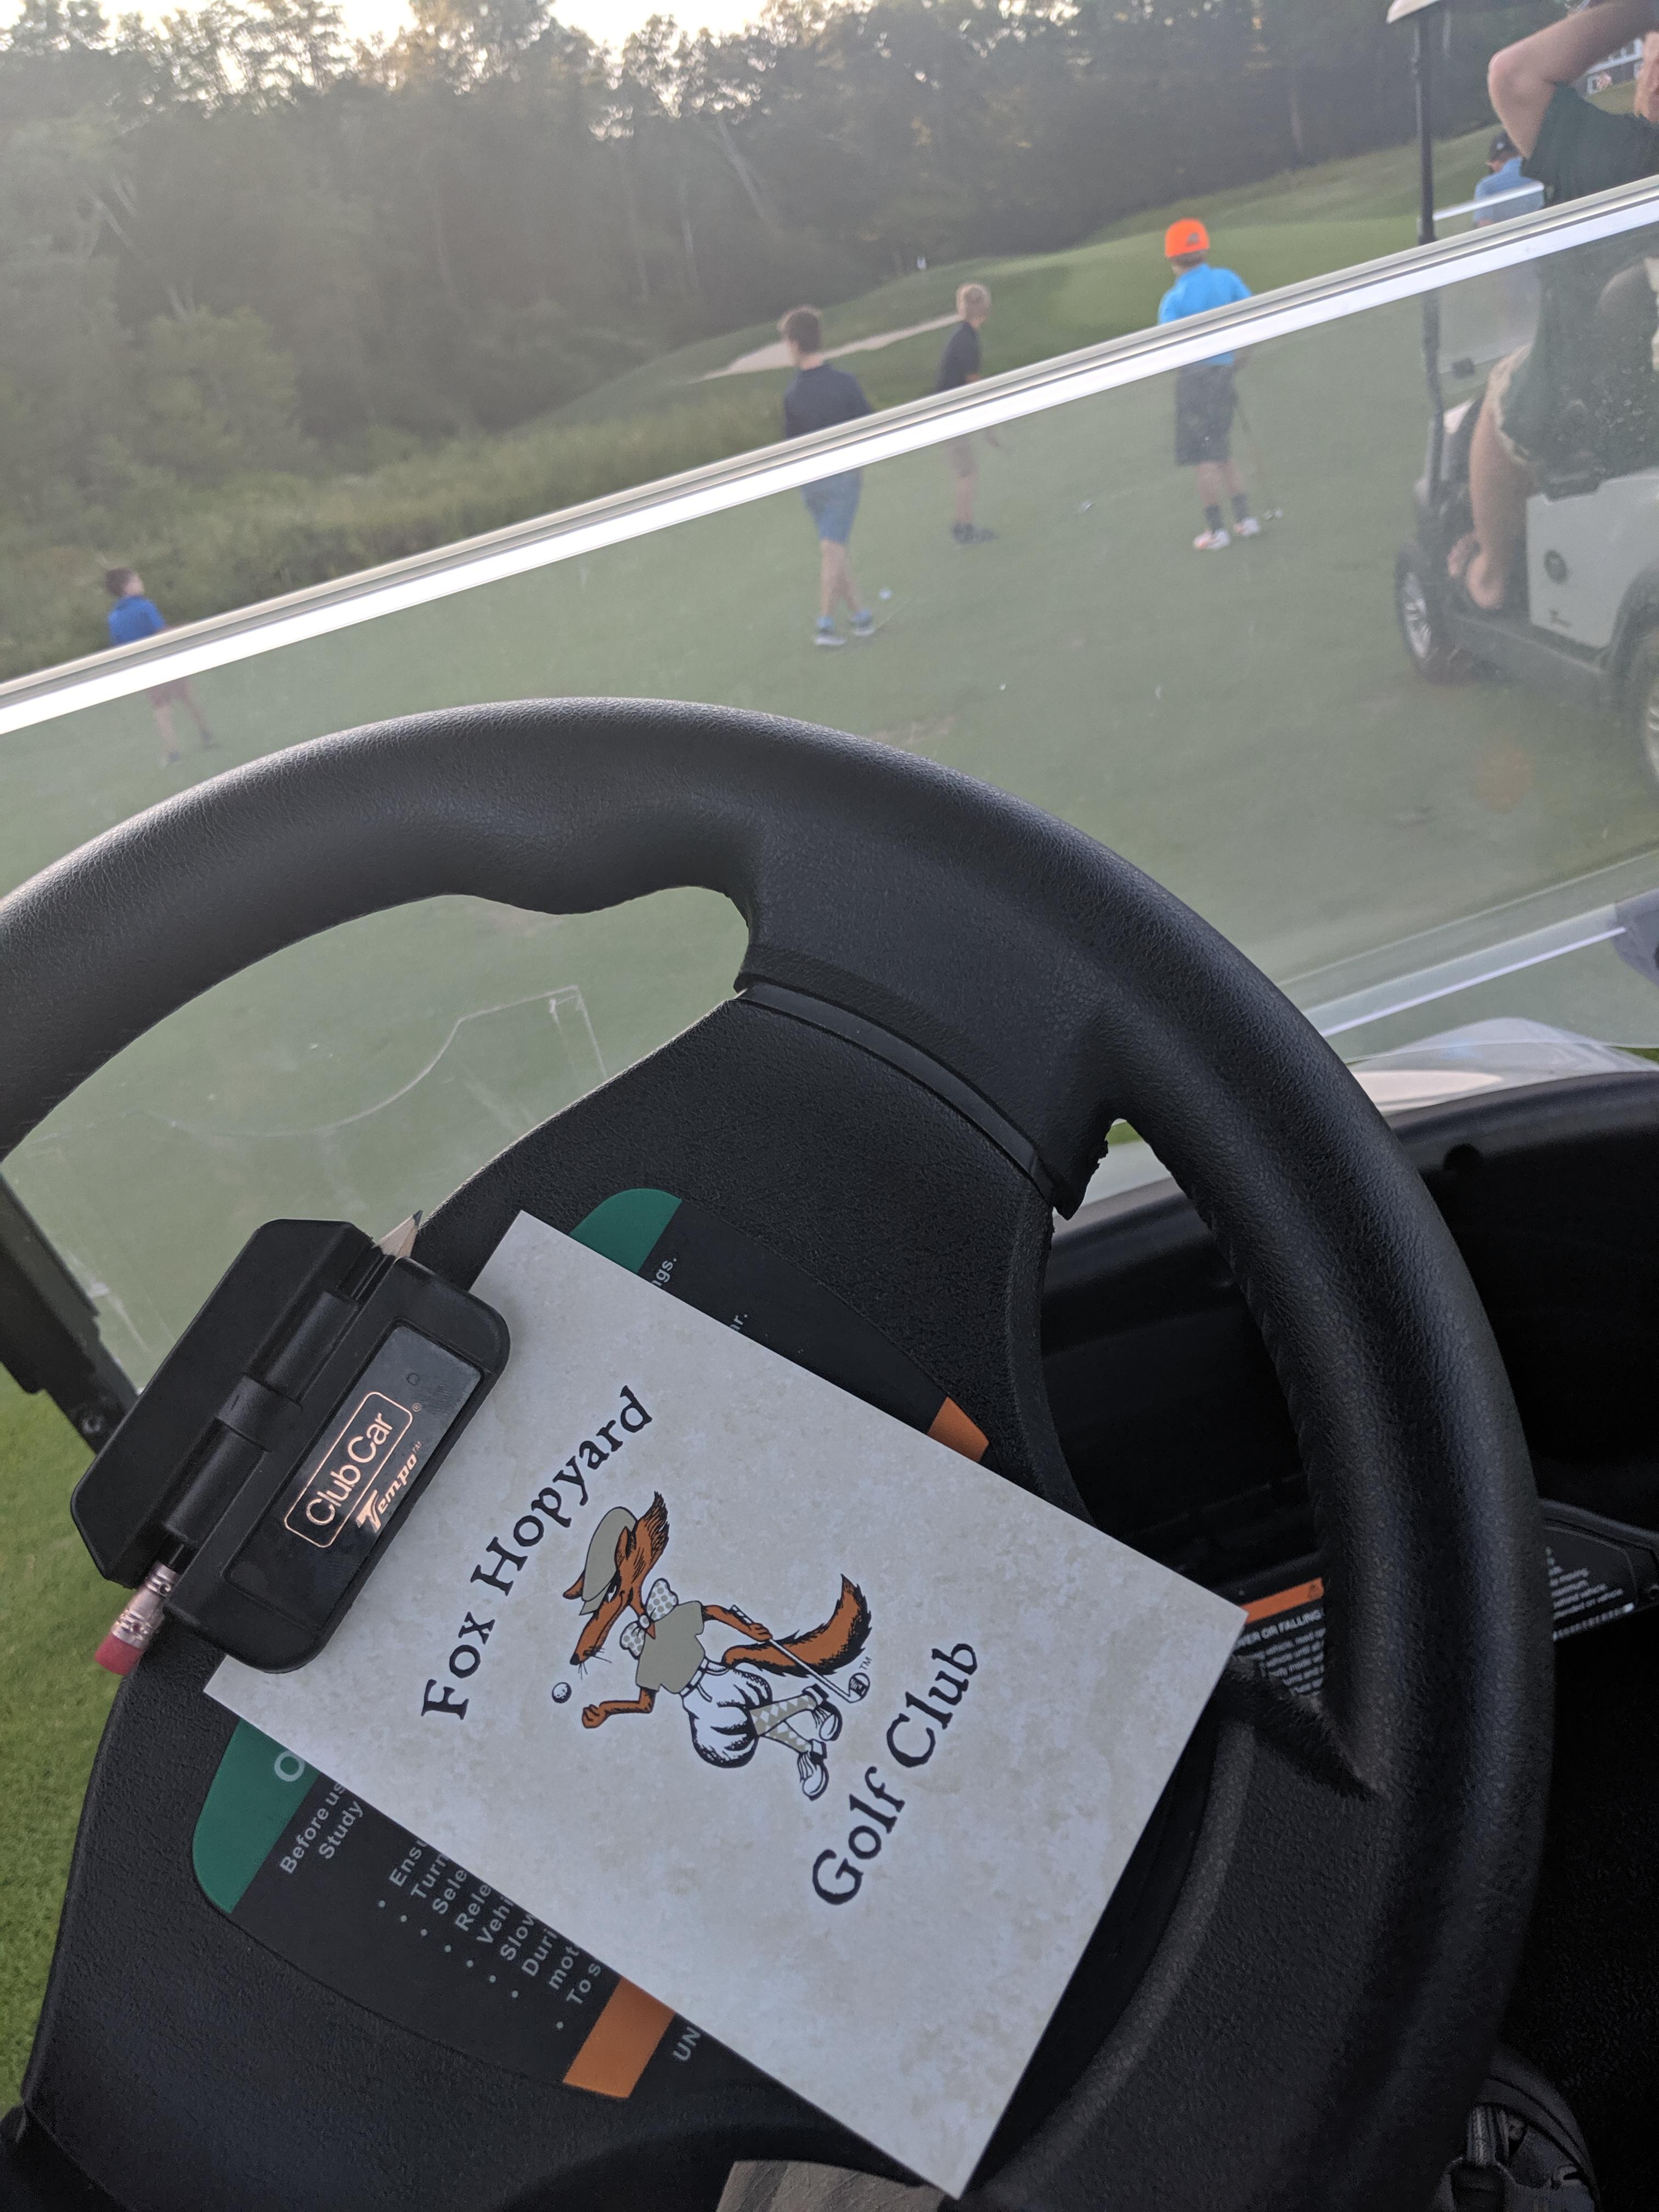 placard on steering wheel of golf cart